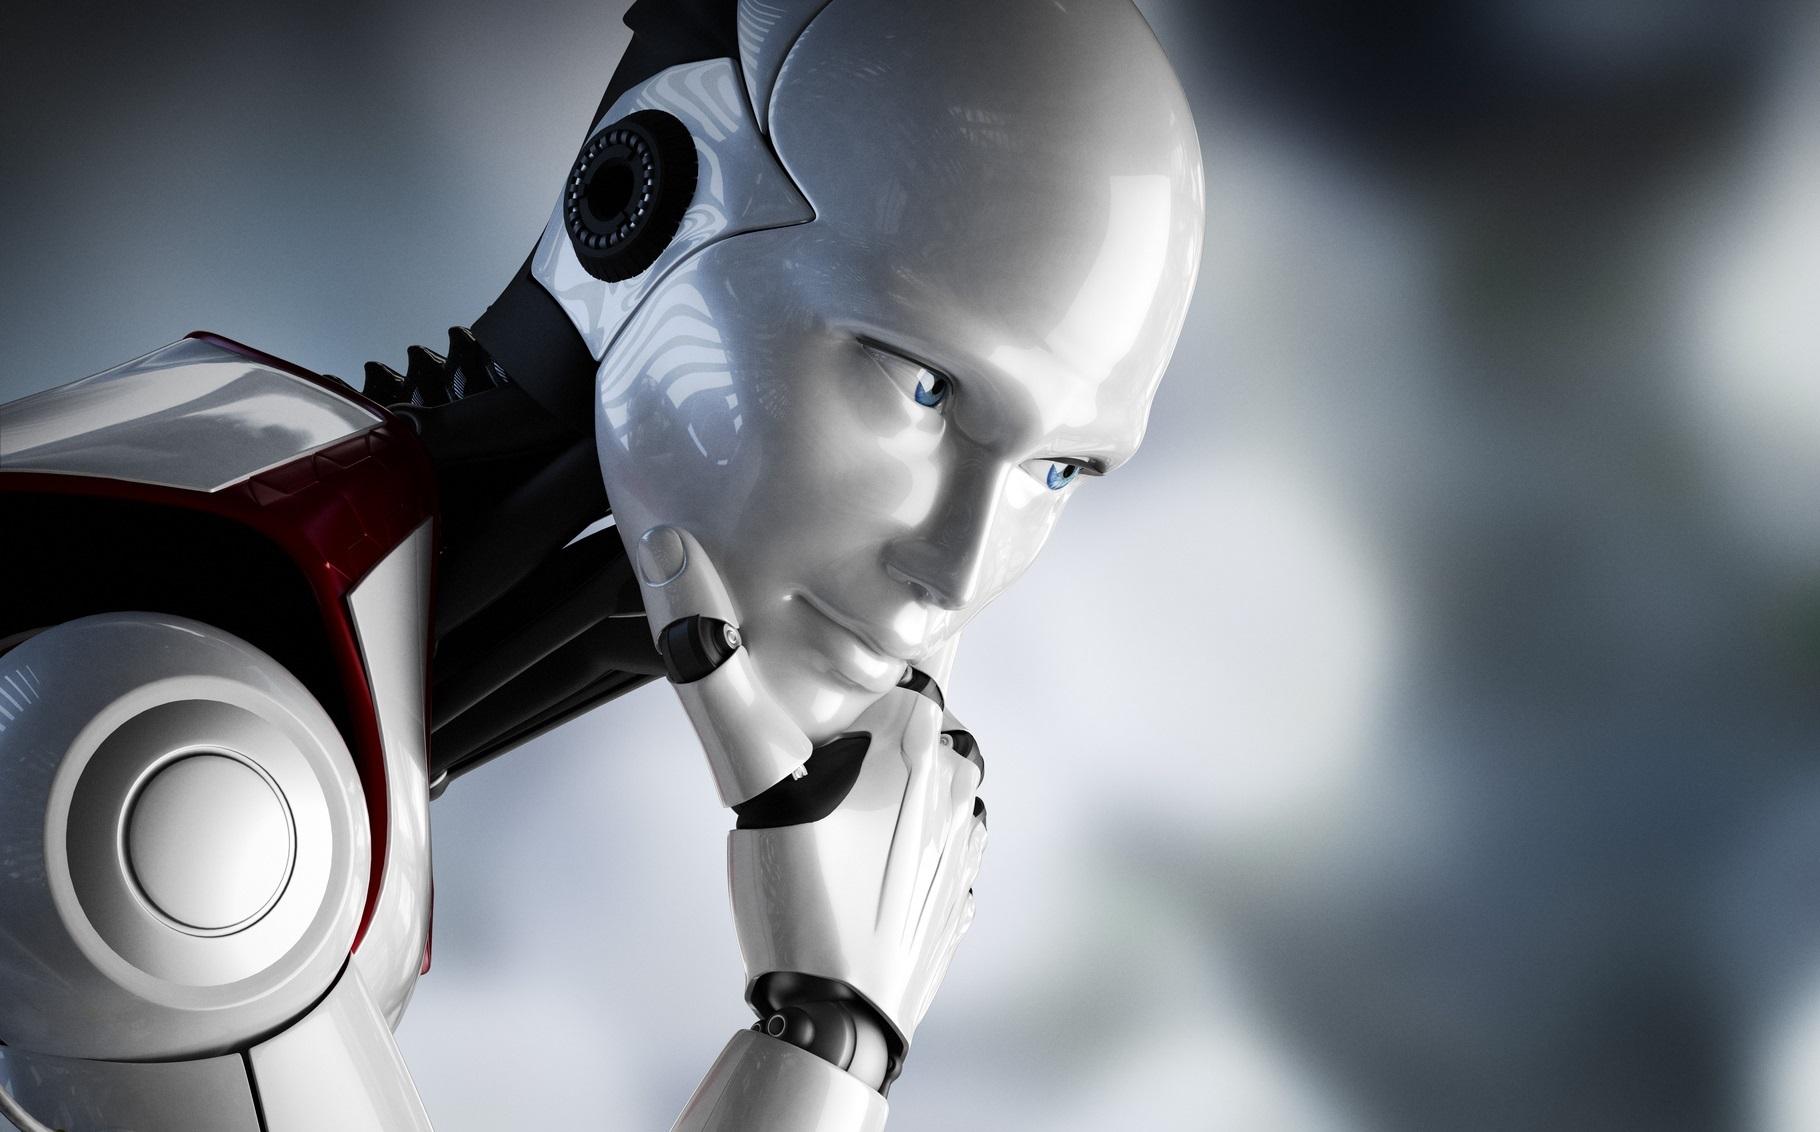 Шах и мат: робот в процессе спора нагрубил человеку